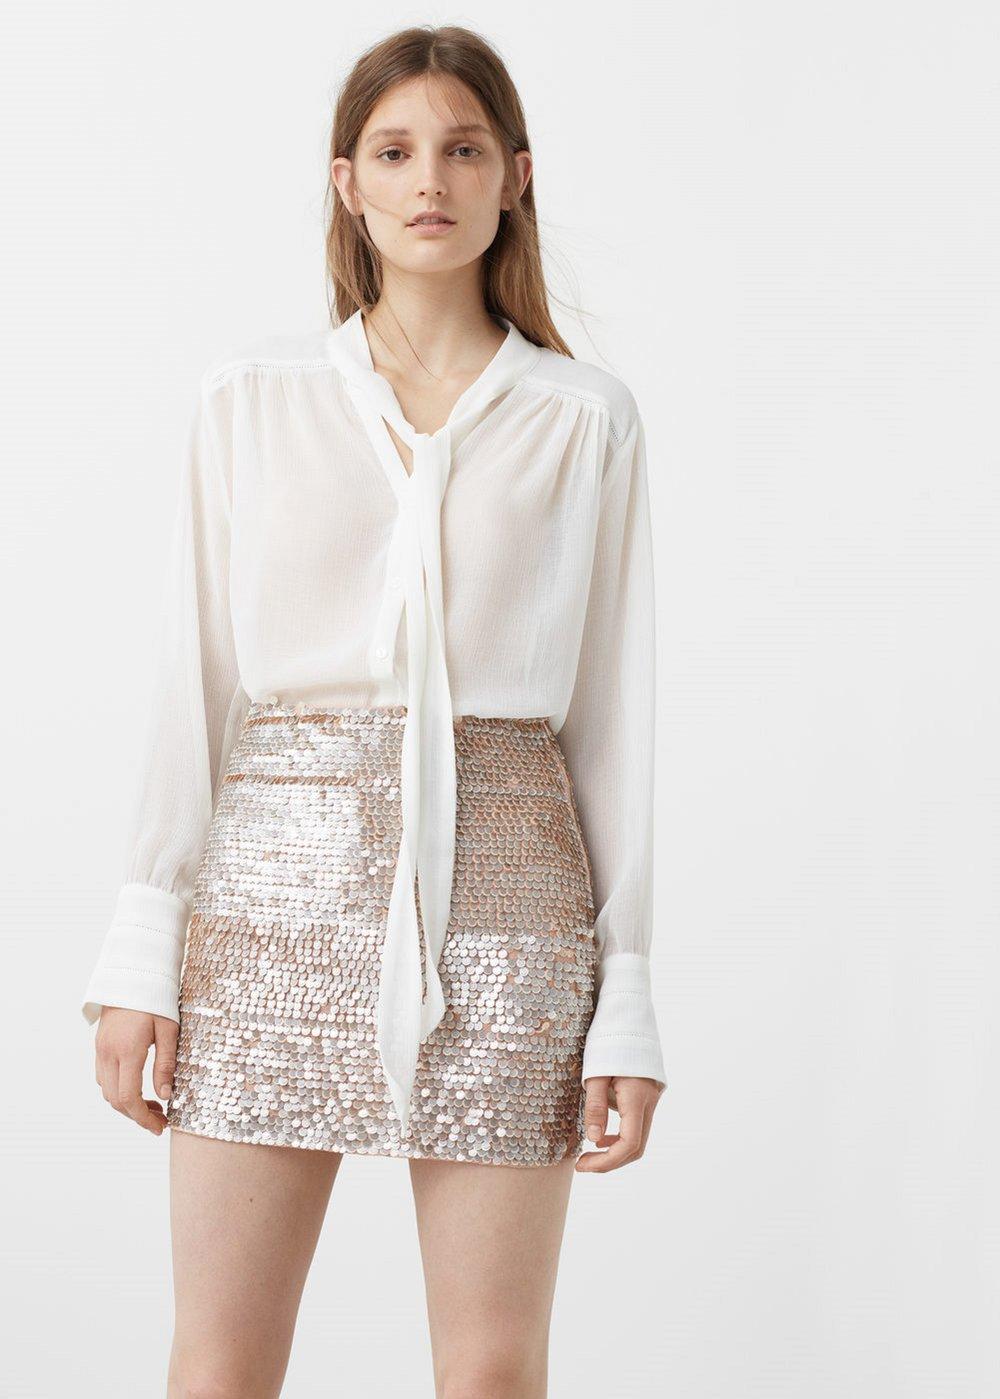 חצאית פאייטים, MANGO (צילום: יח״צ חו״ל)